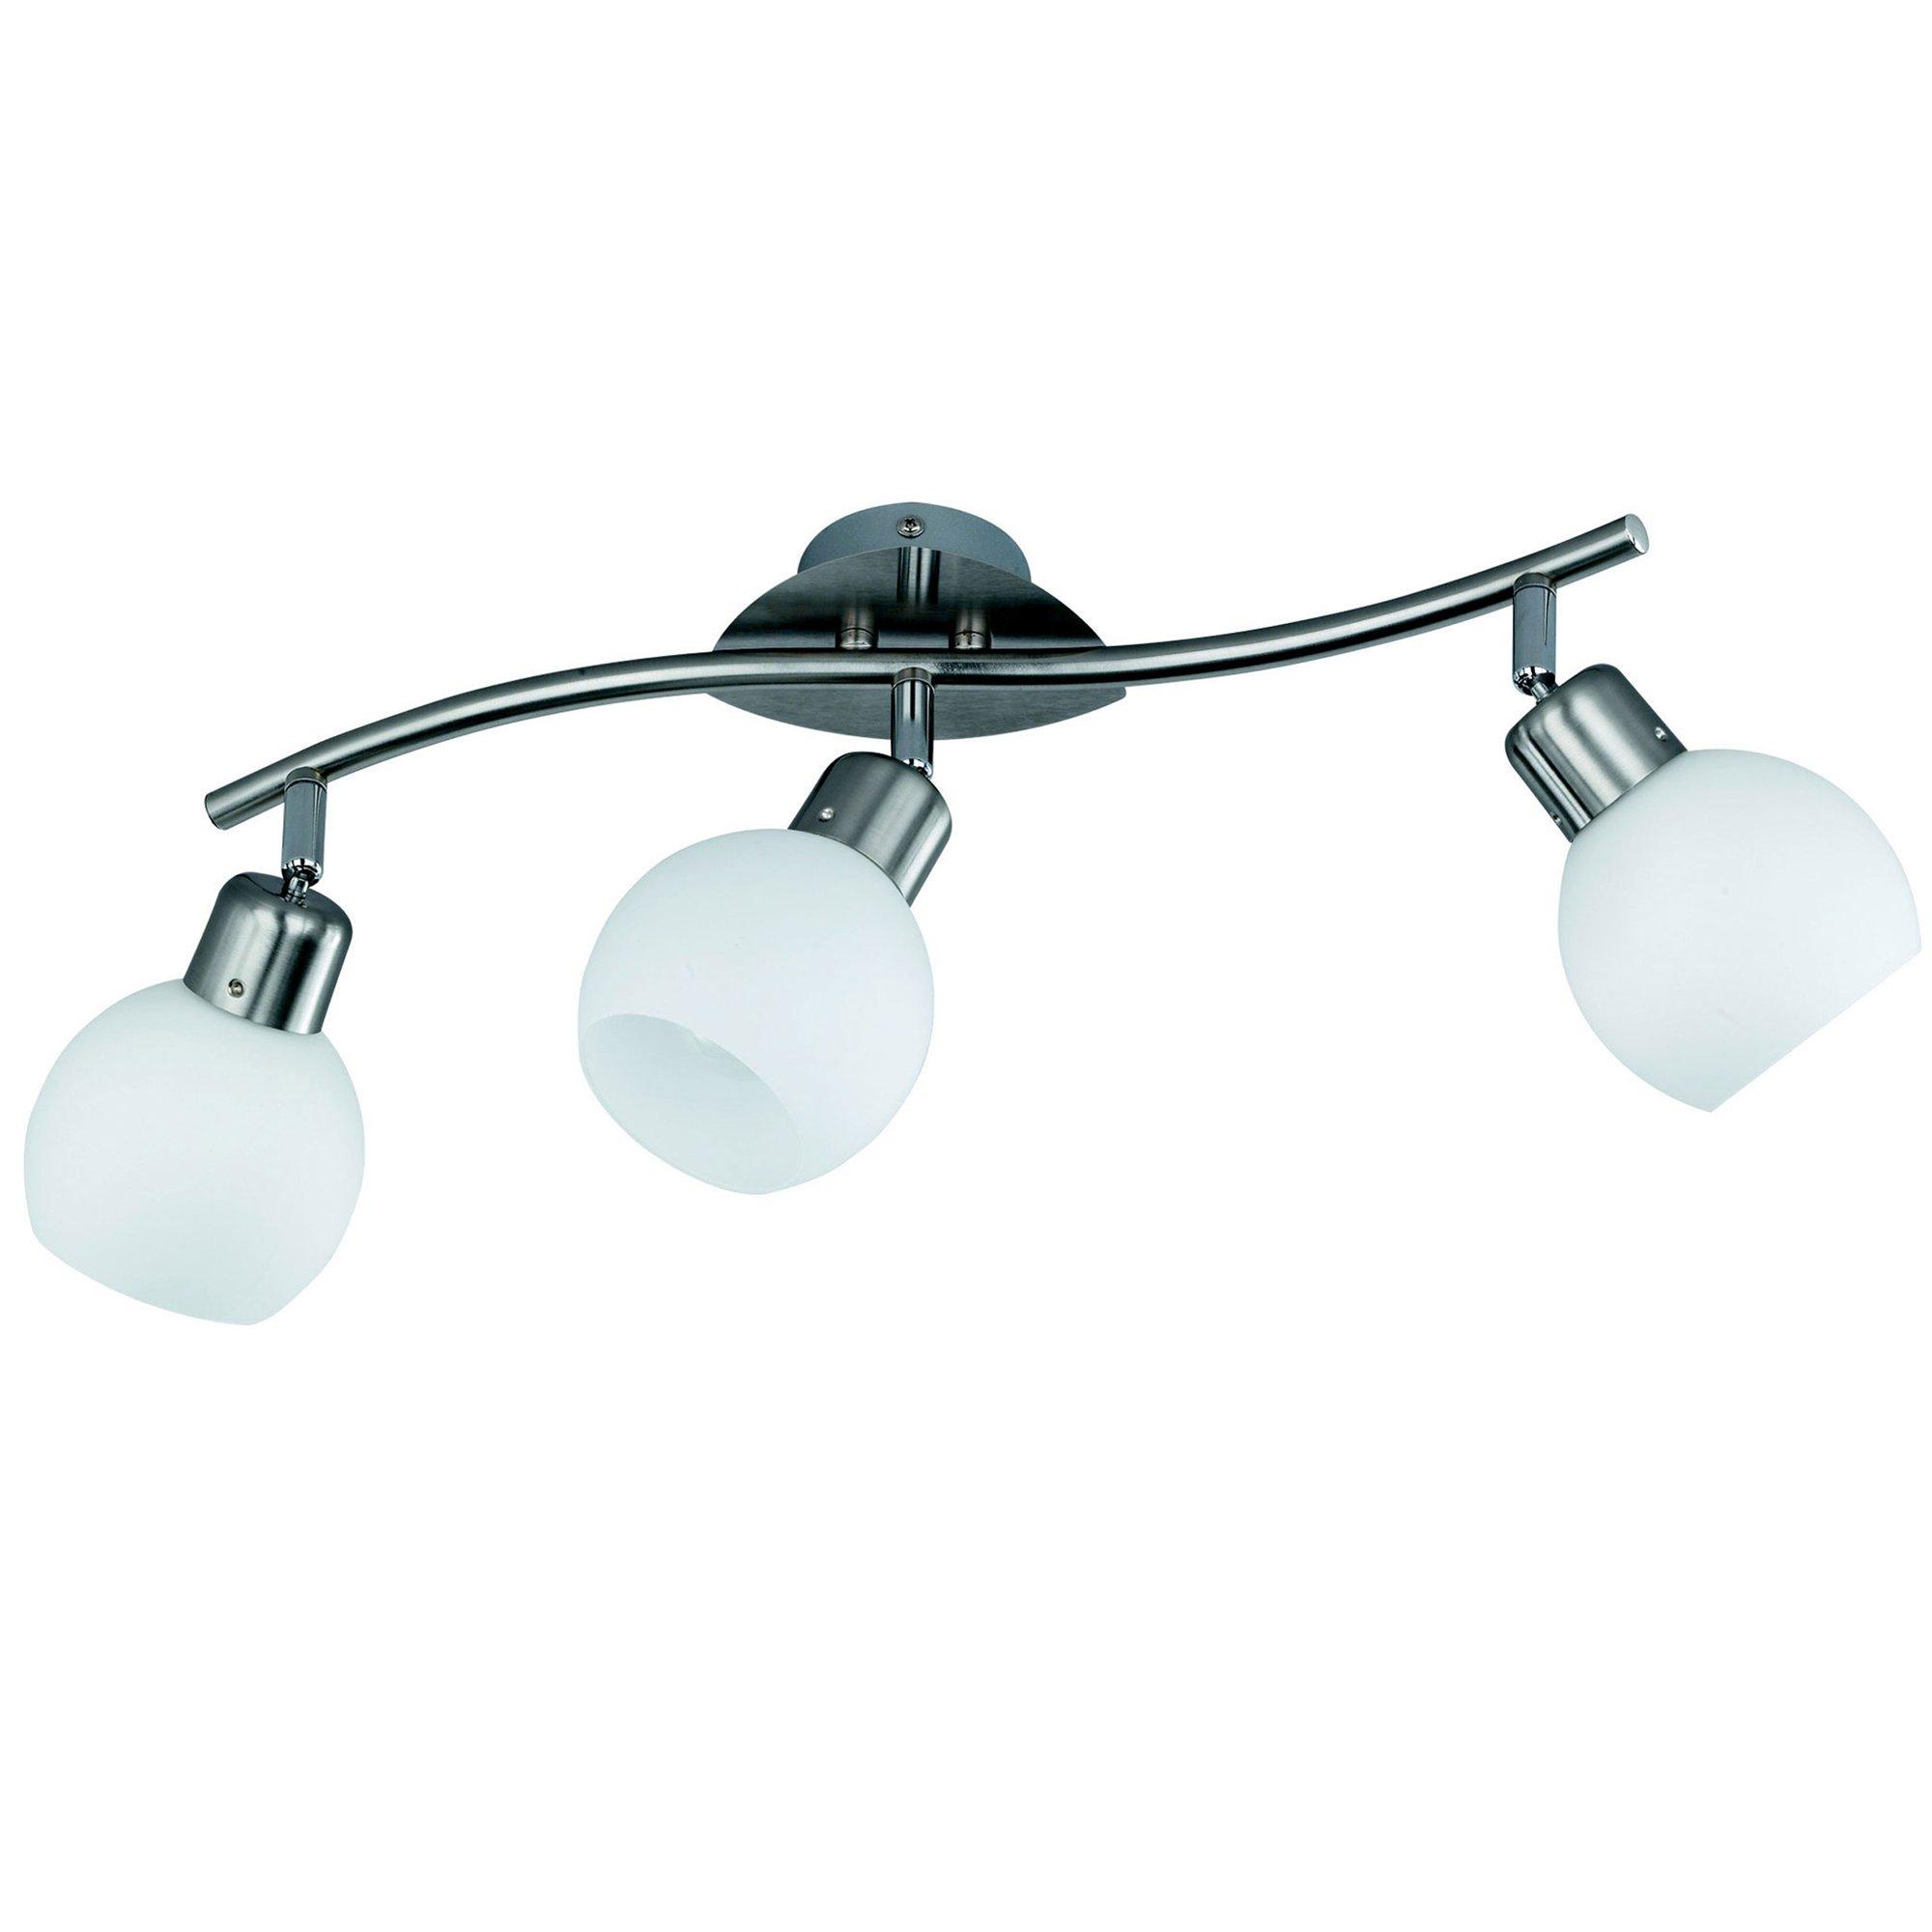 L mpara de techo 3 puntos de luz led bombillas incluidas - Luz de techo ...